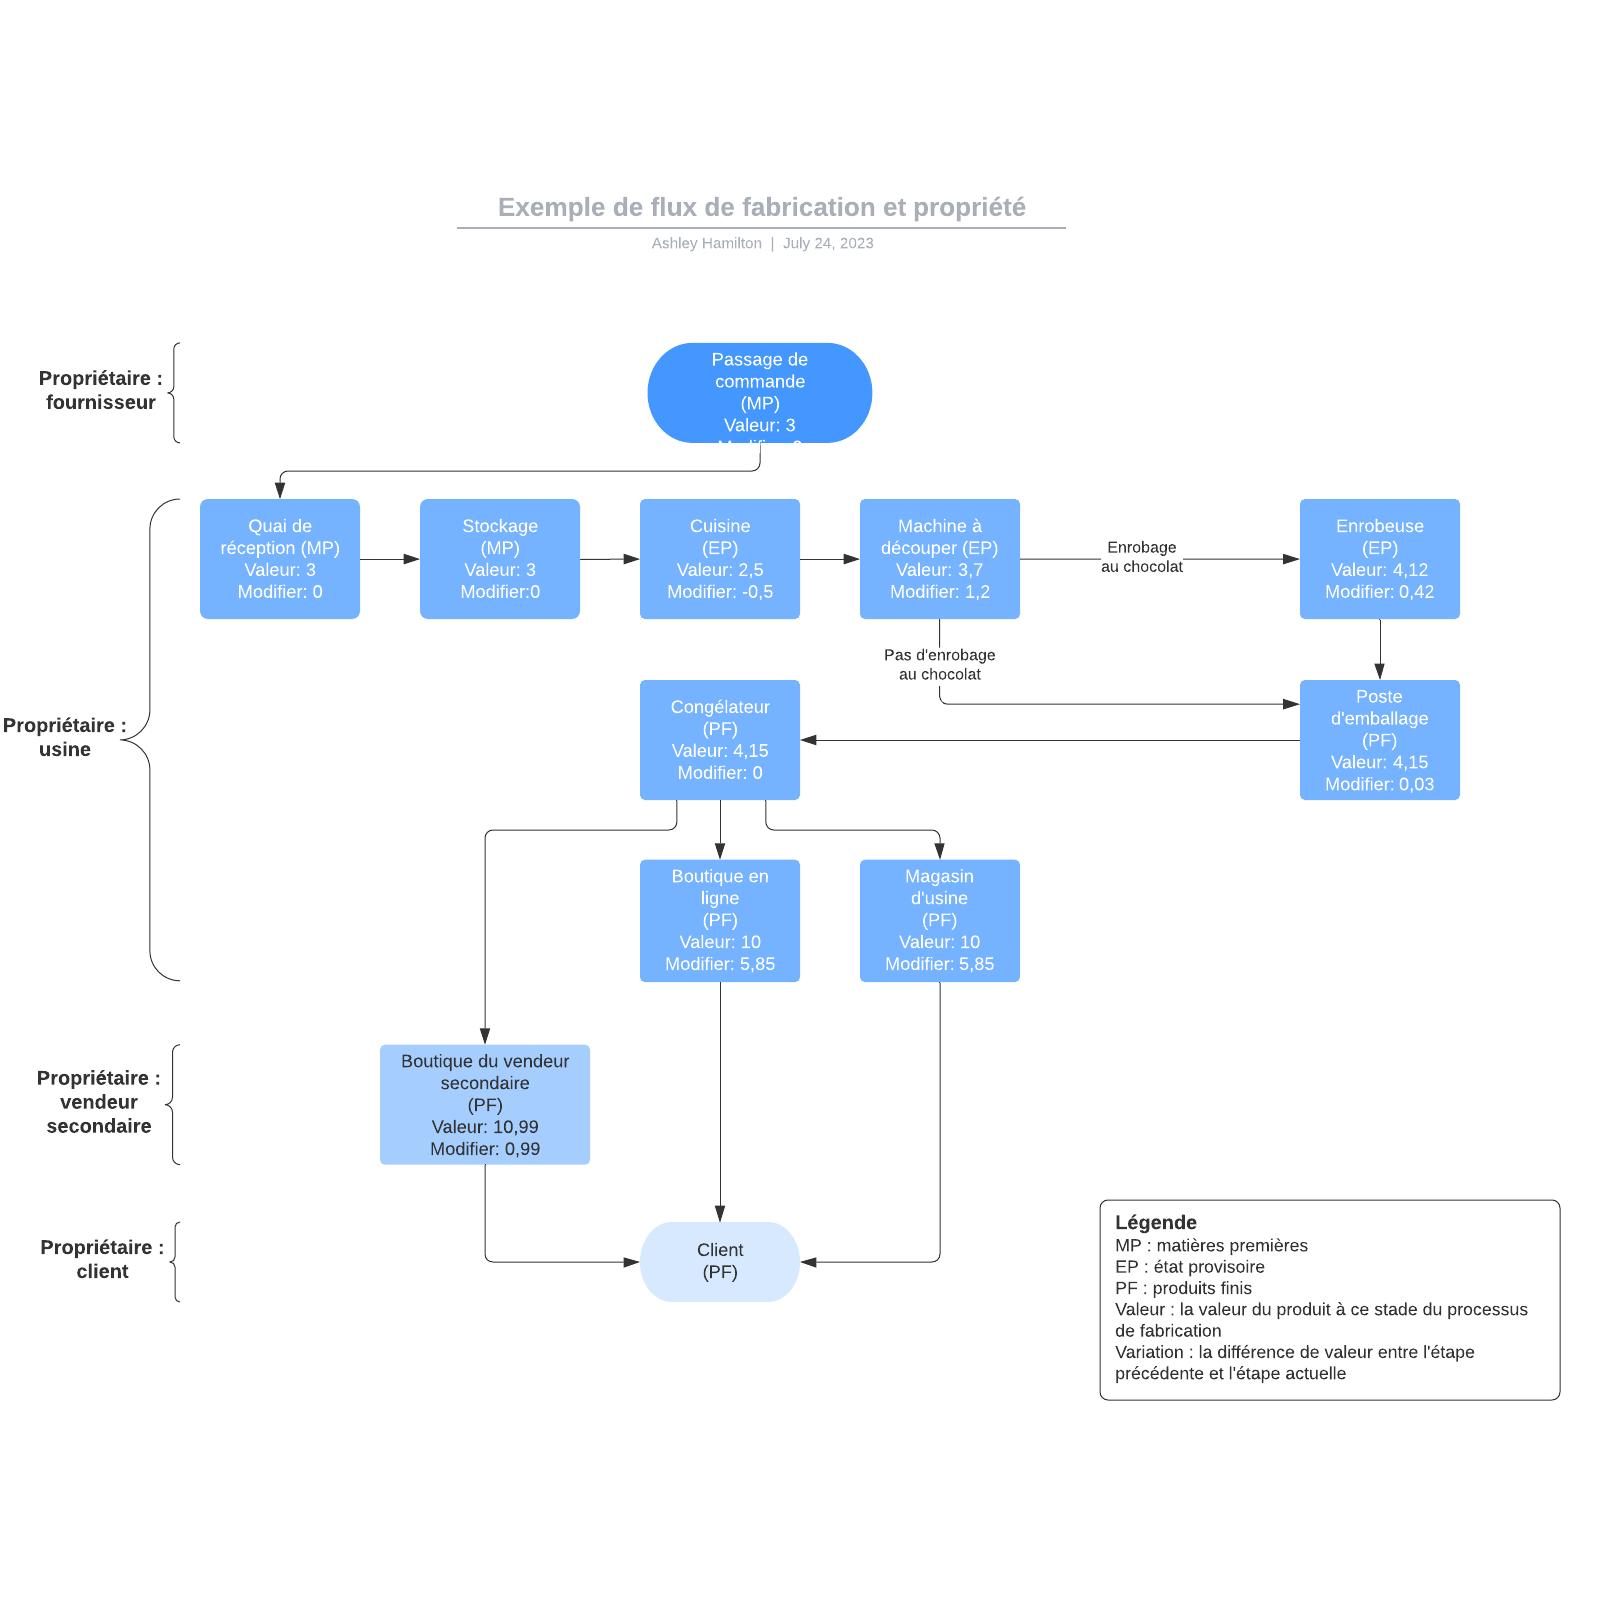 exemple de flux de fabrication et propriété